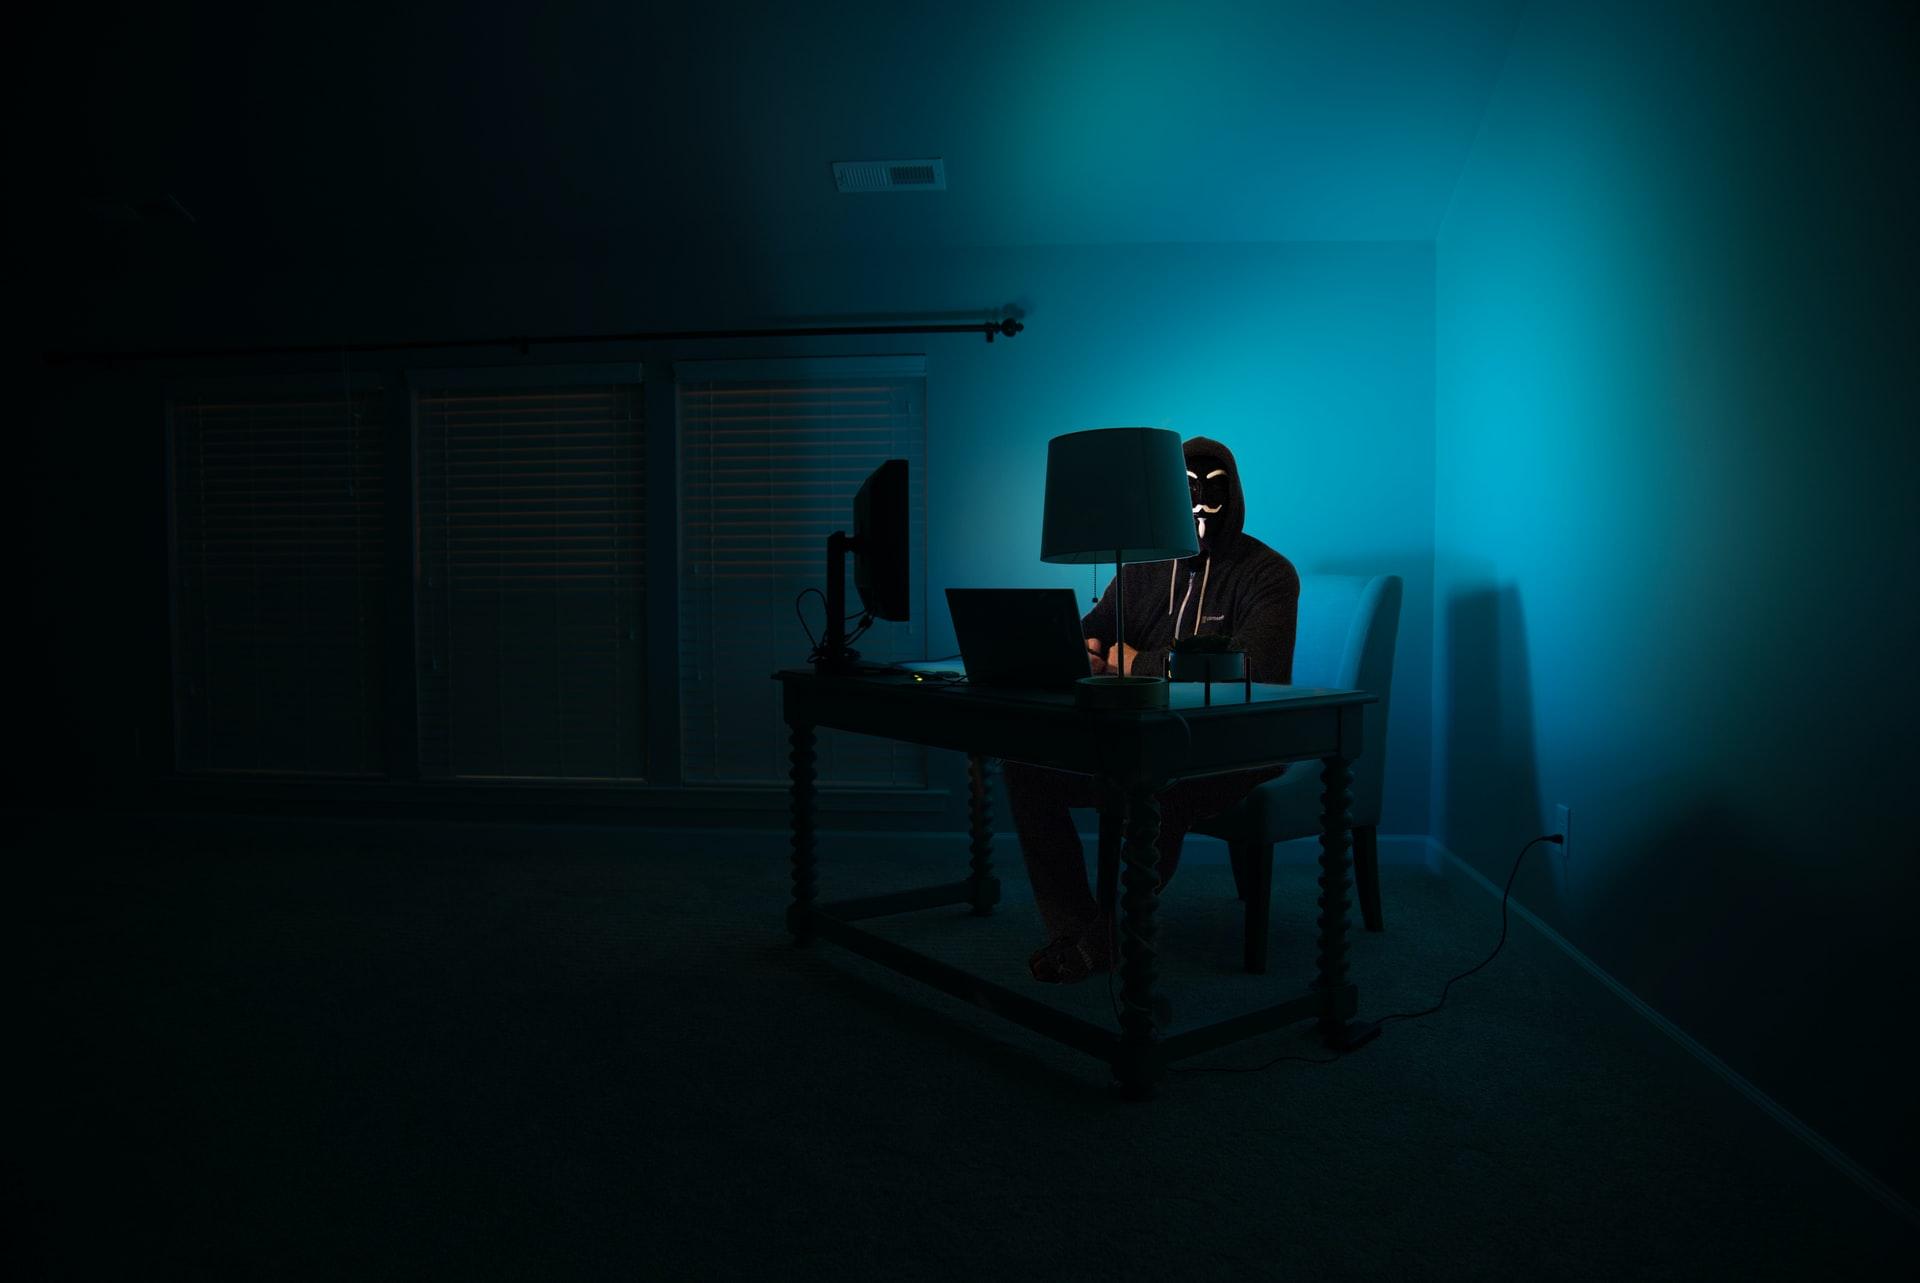 Largest darknet market offline, exit scam suspected